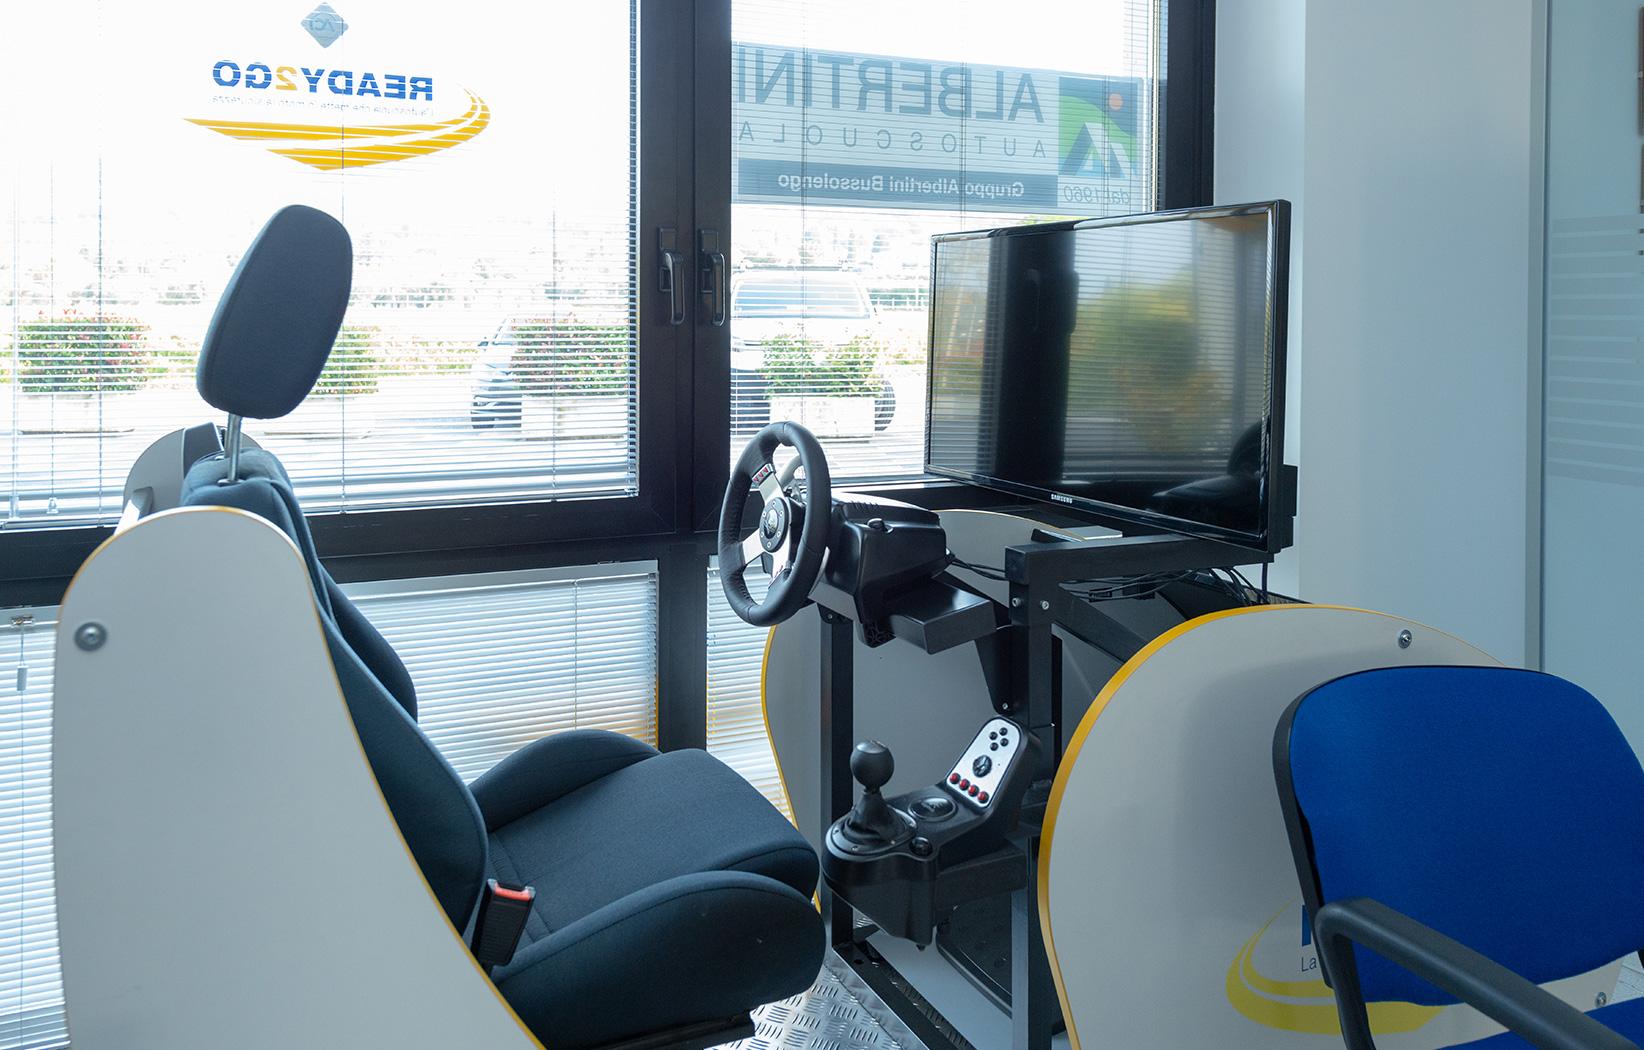 simulatore guida, albertini autoscuola patenti, patenti nautiche